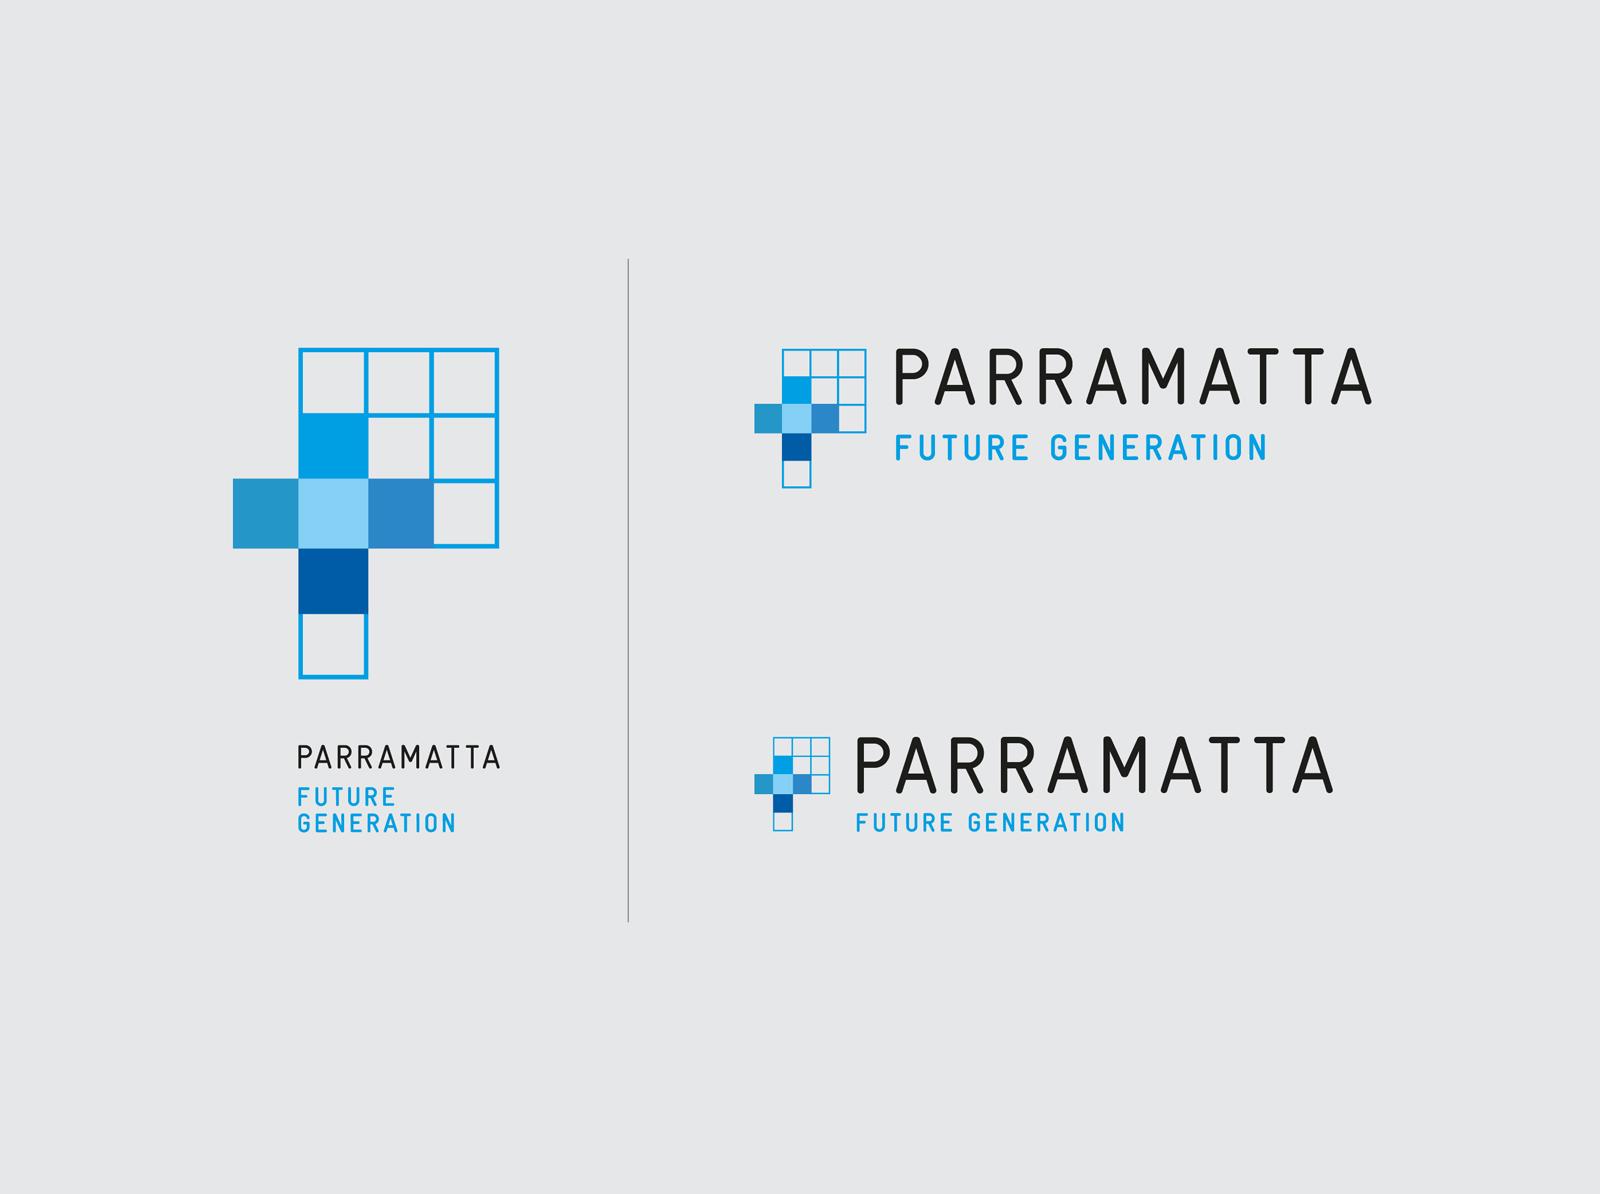 Matt_Johnson_Parramatta_011